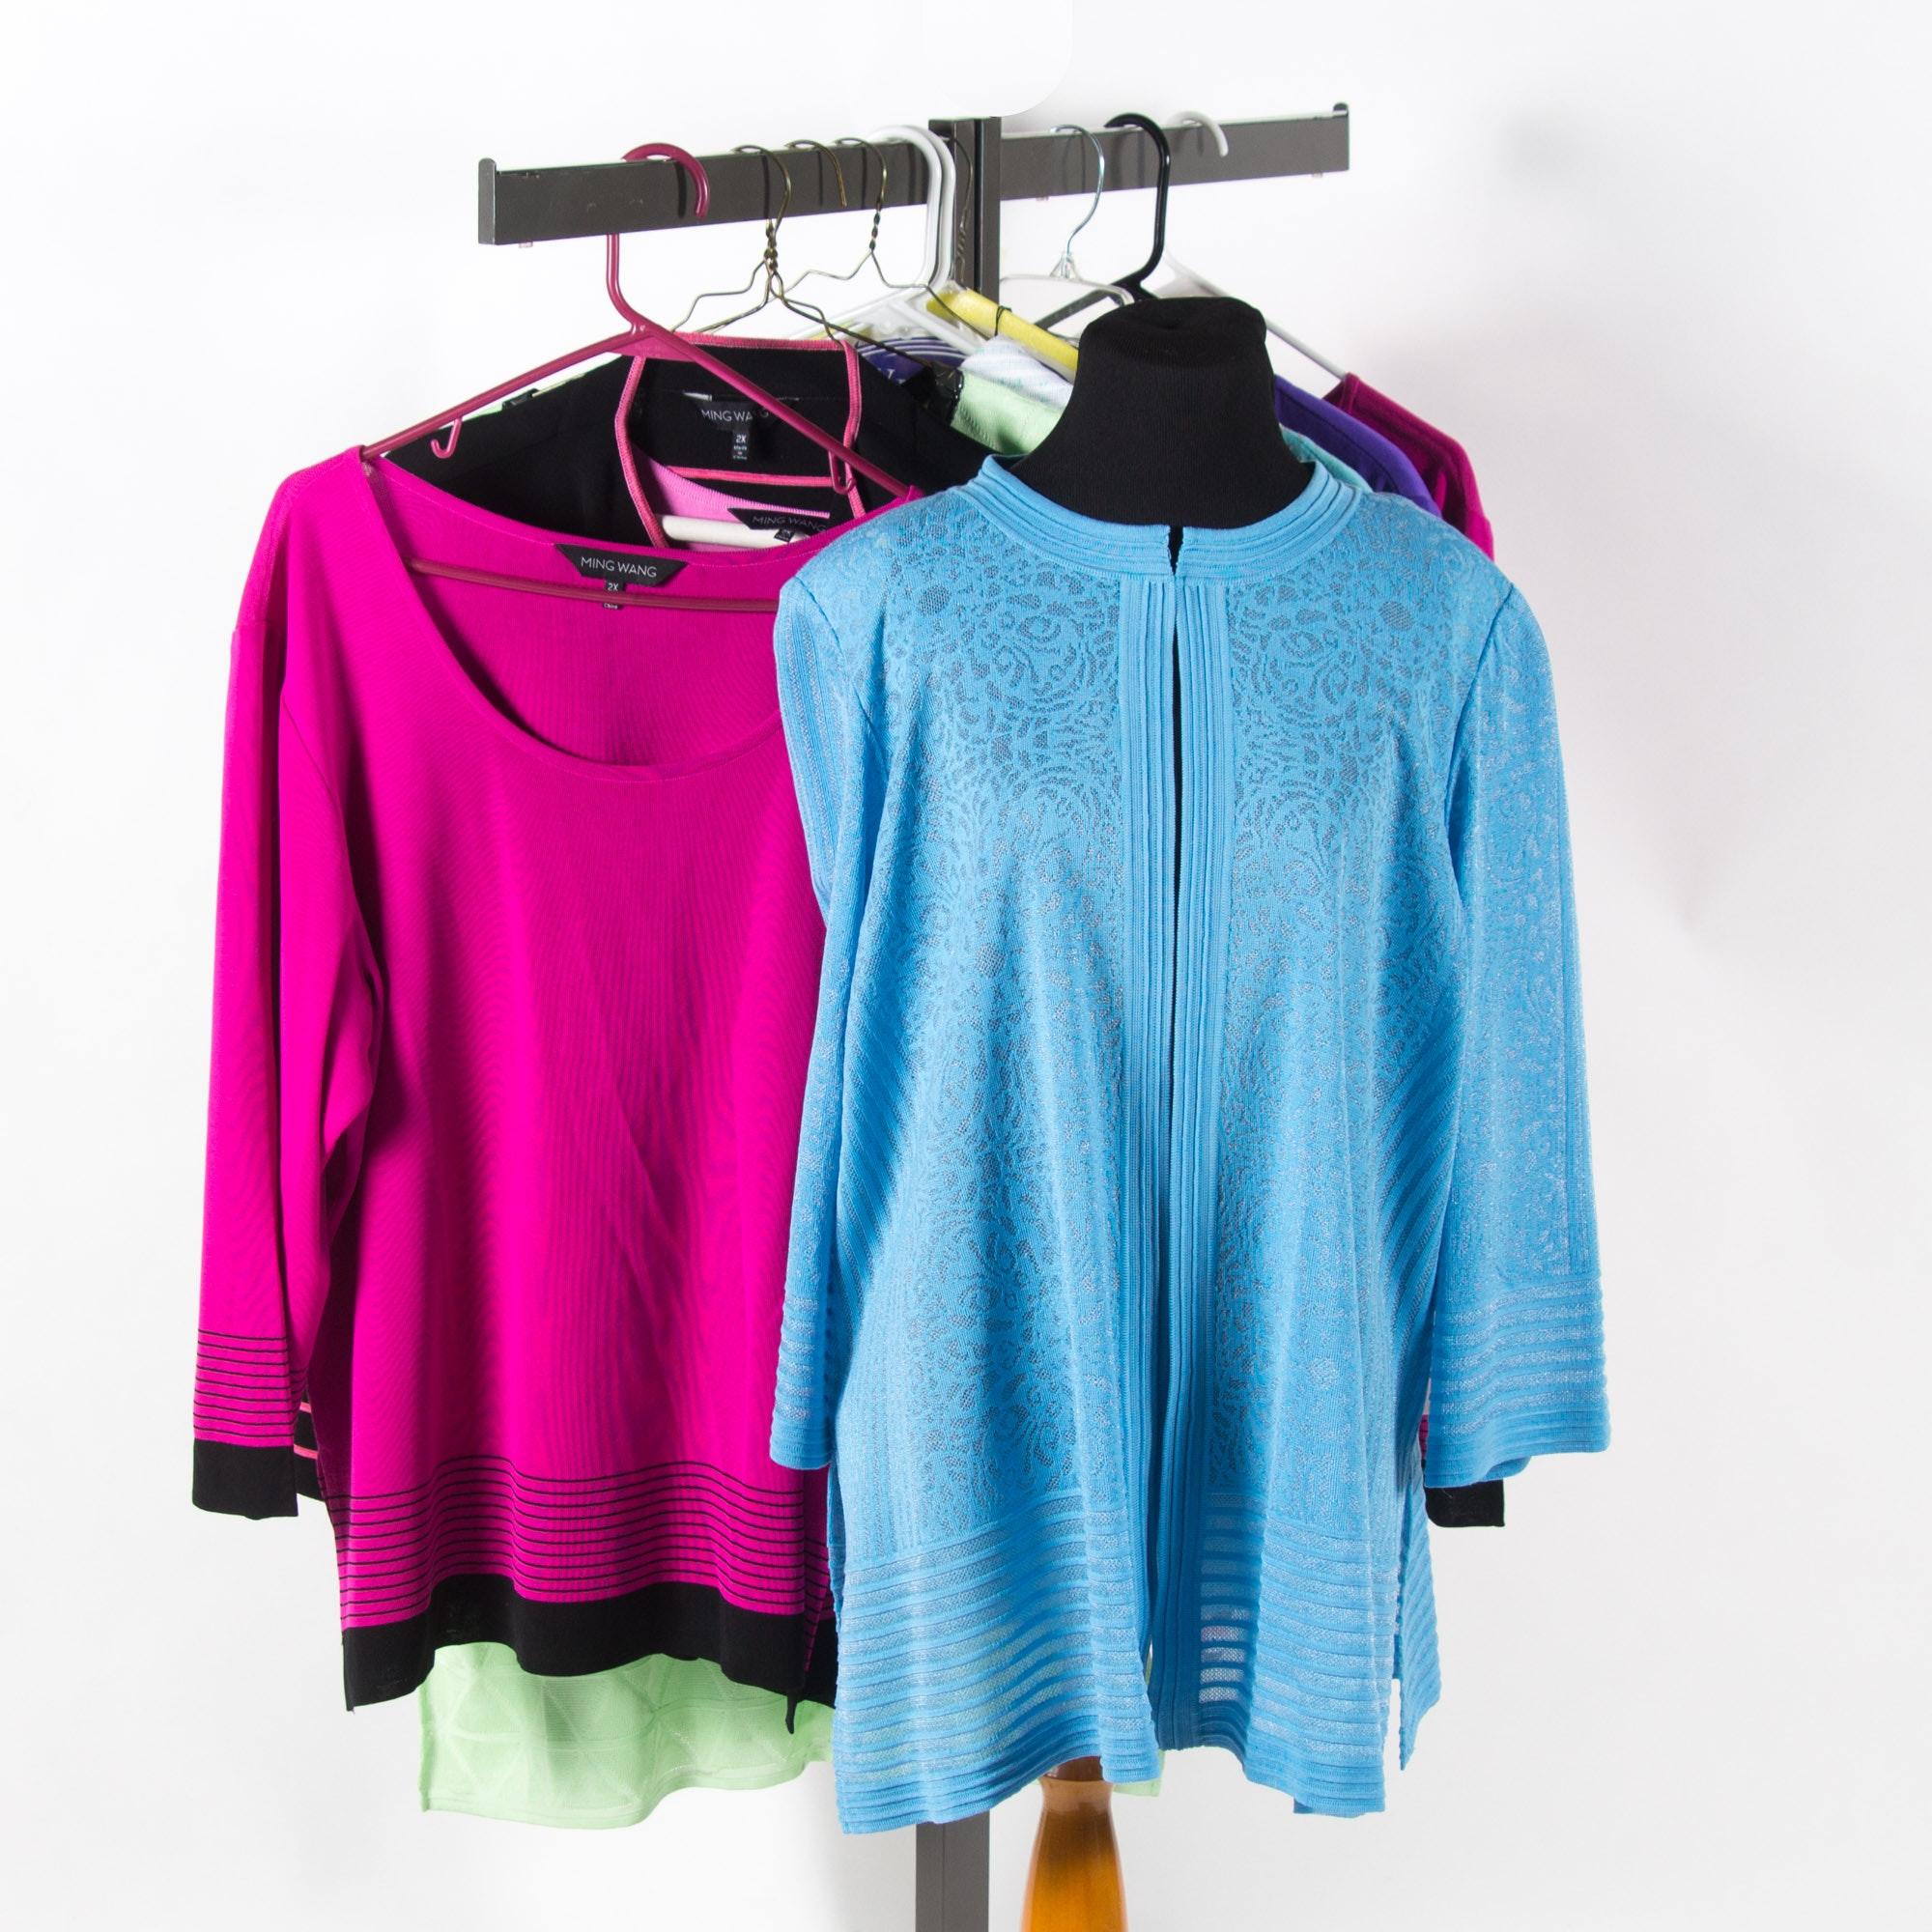 Ming Wang Designer Cardigans and Shirts